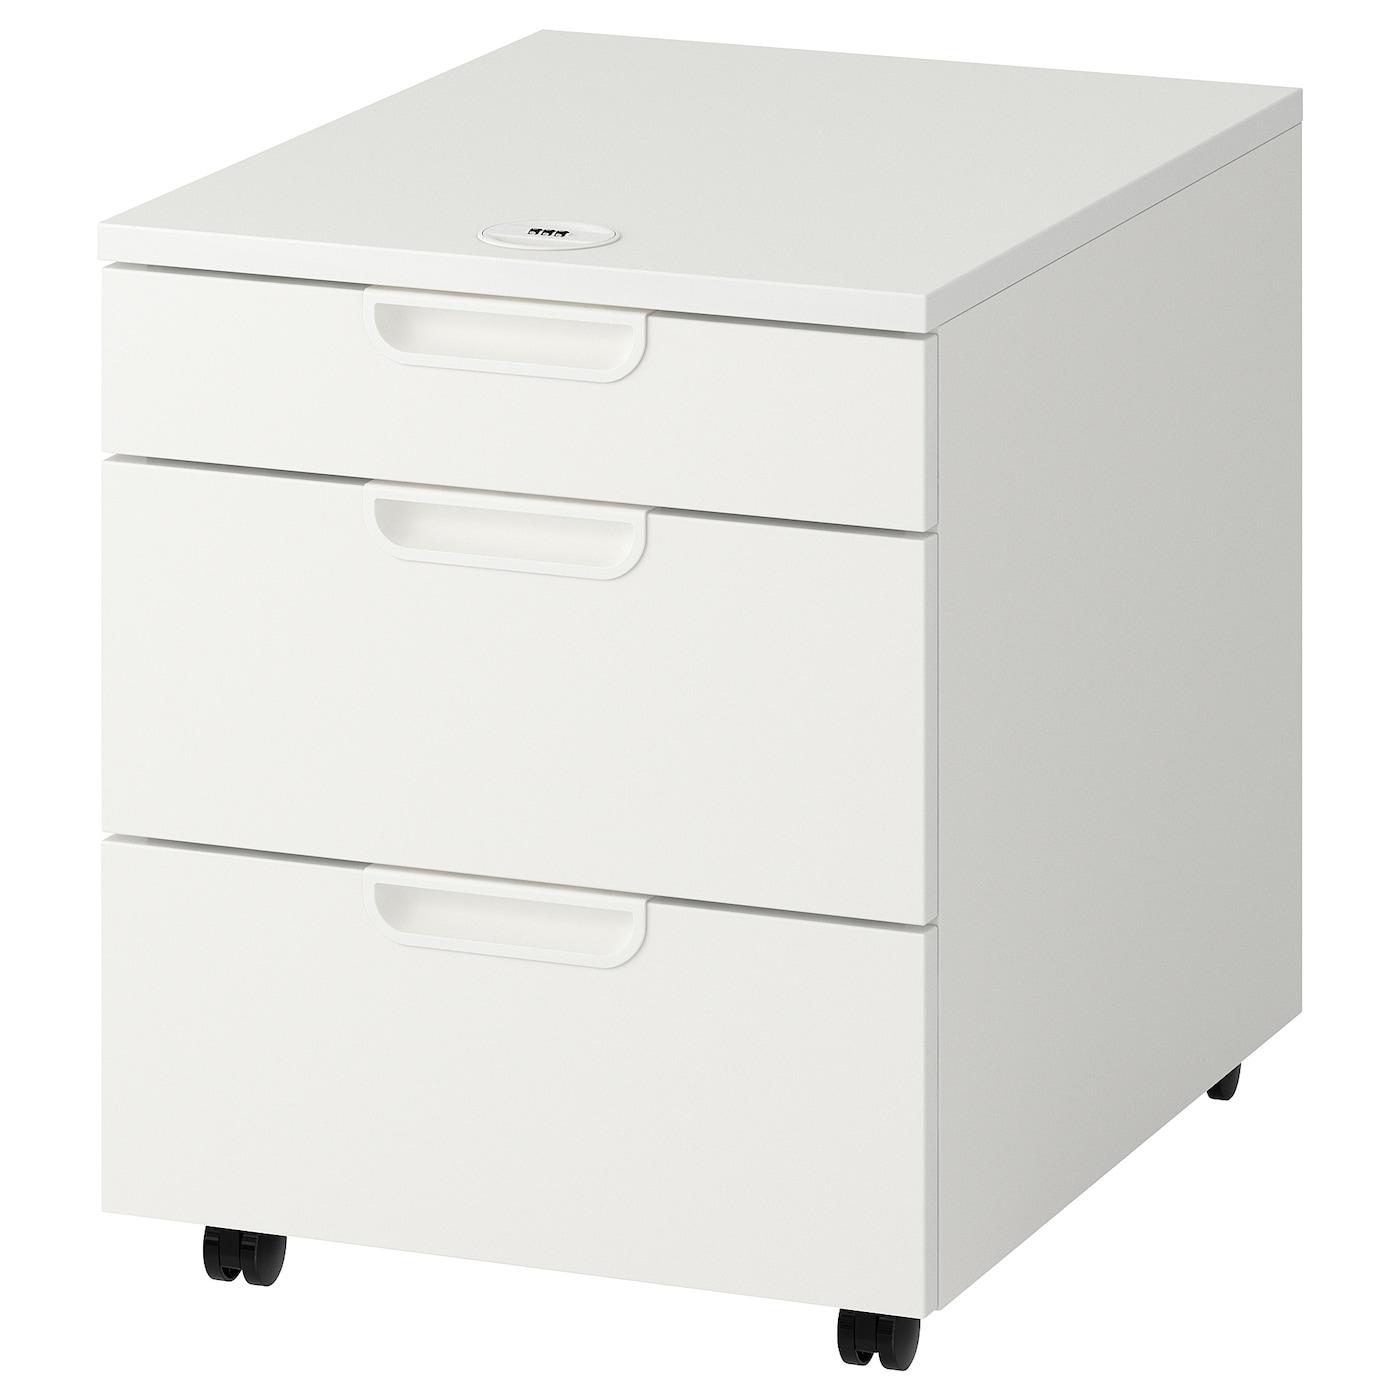 Wonderbaar GALANT Ladeblok op wielen, wit, 45x55 cm - IKEA DF-87